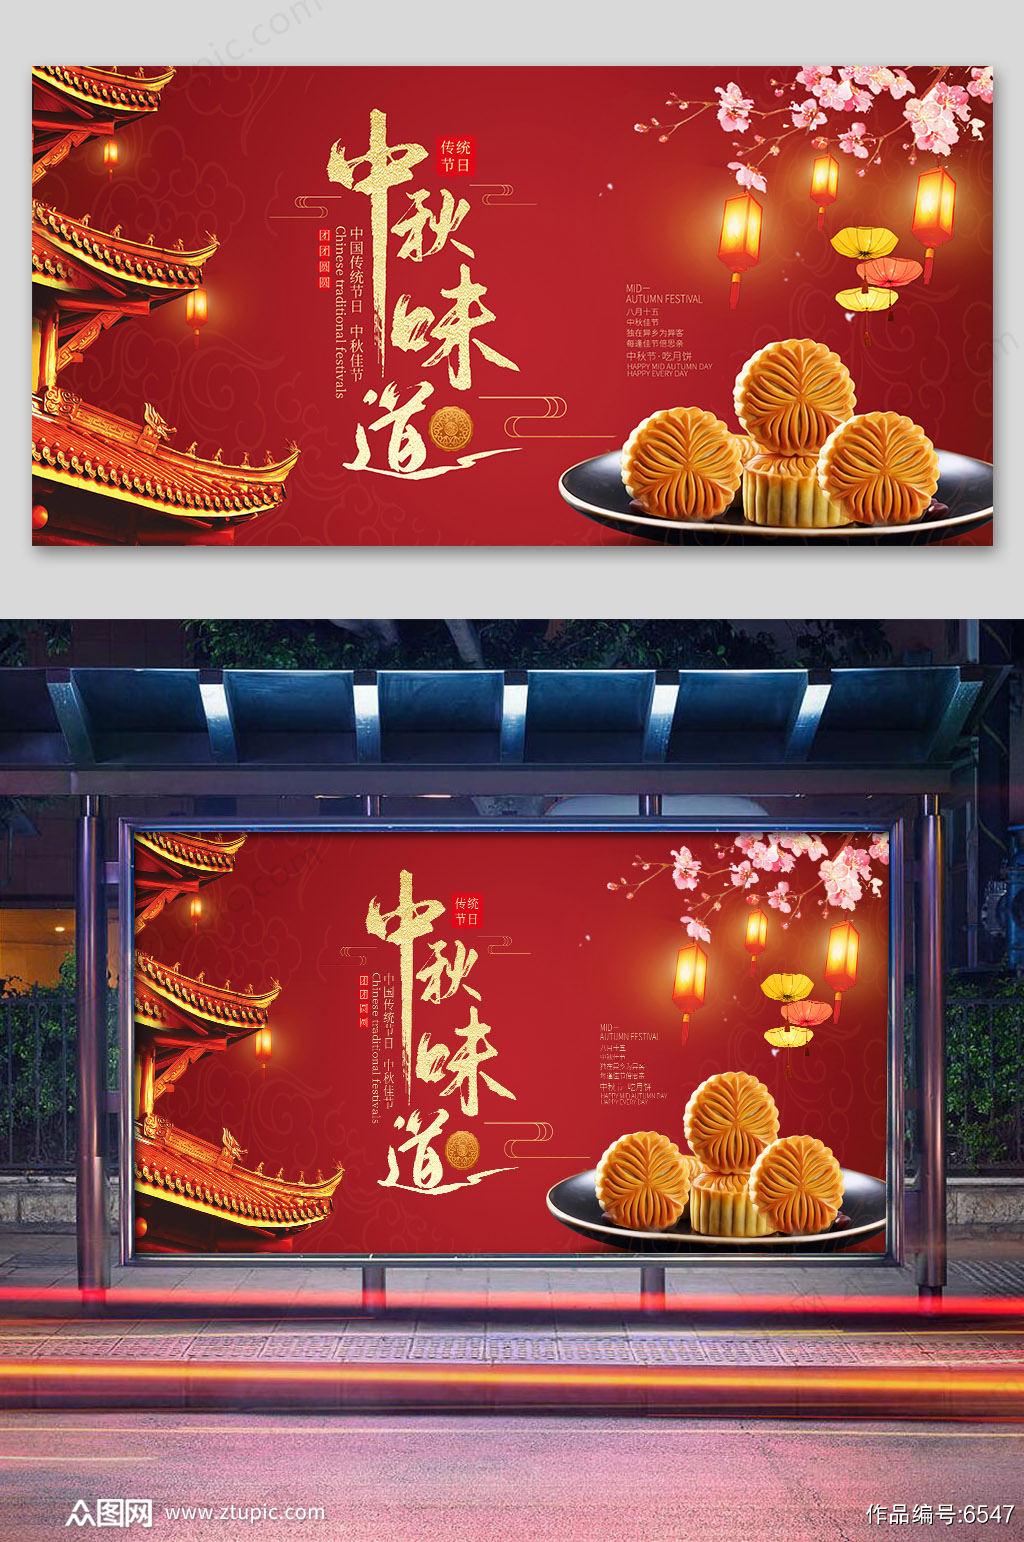 简约中式红色促销海报素材